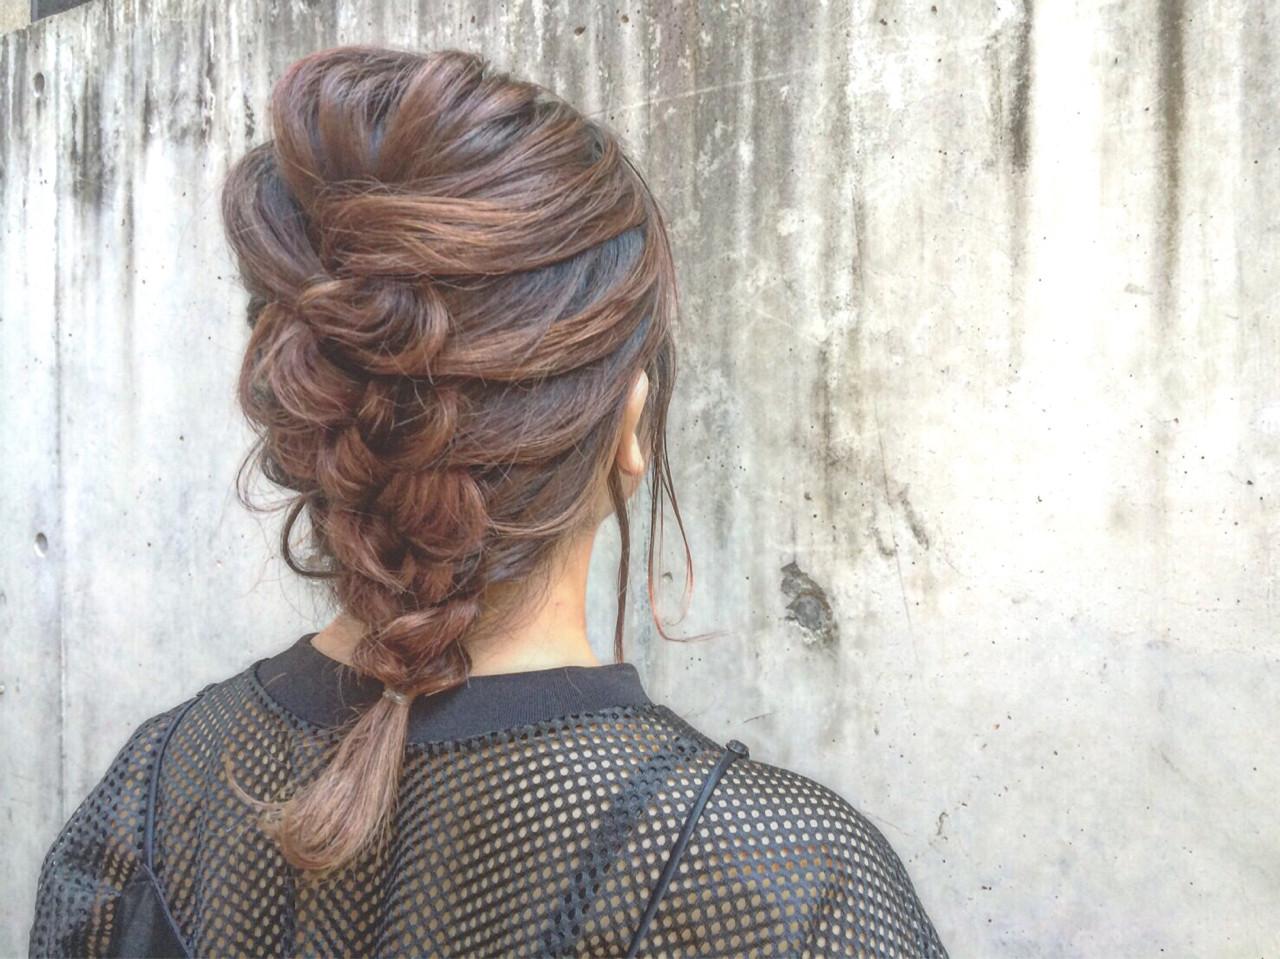 アッシュ ヘアアレンジ 簡単ヘアアレンジ ショート ヘアスタイルや髪型の写真・画像 | 杉谷紗耶/Ravo / Ravo